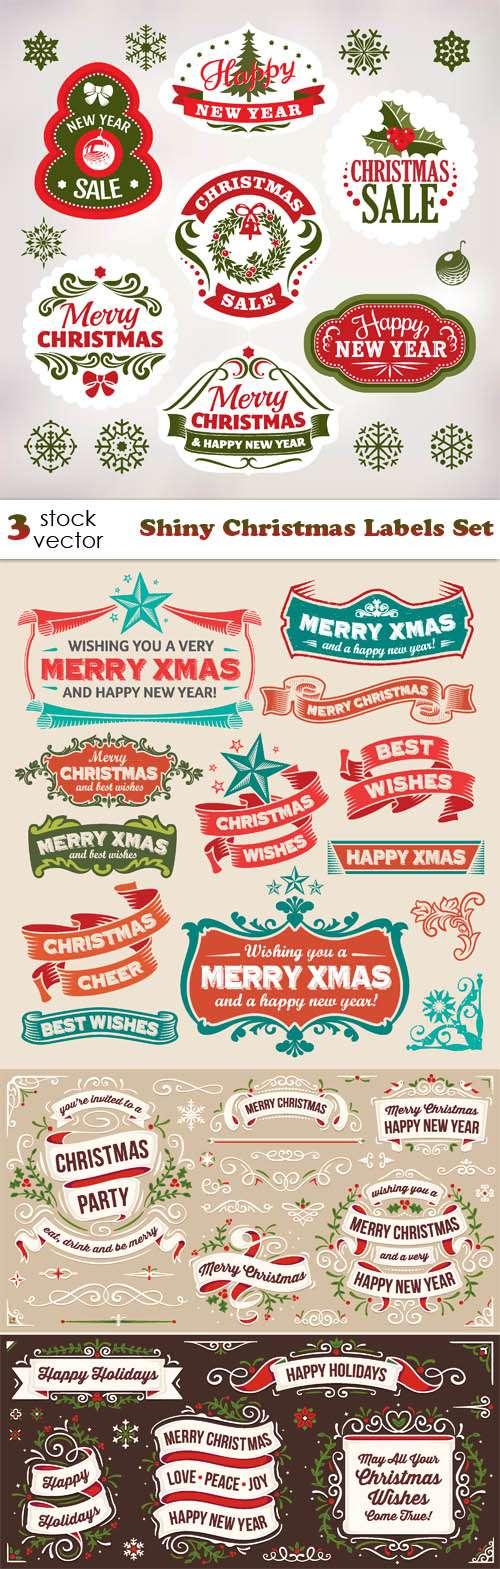 Новый год и Рождество - Этикетки, наклейки, элементы